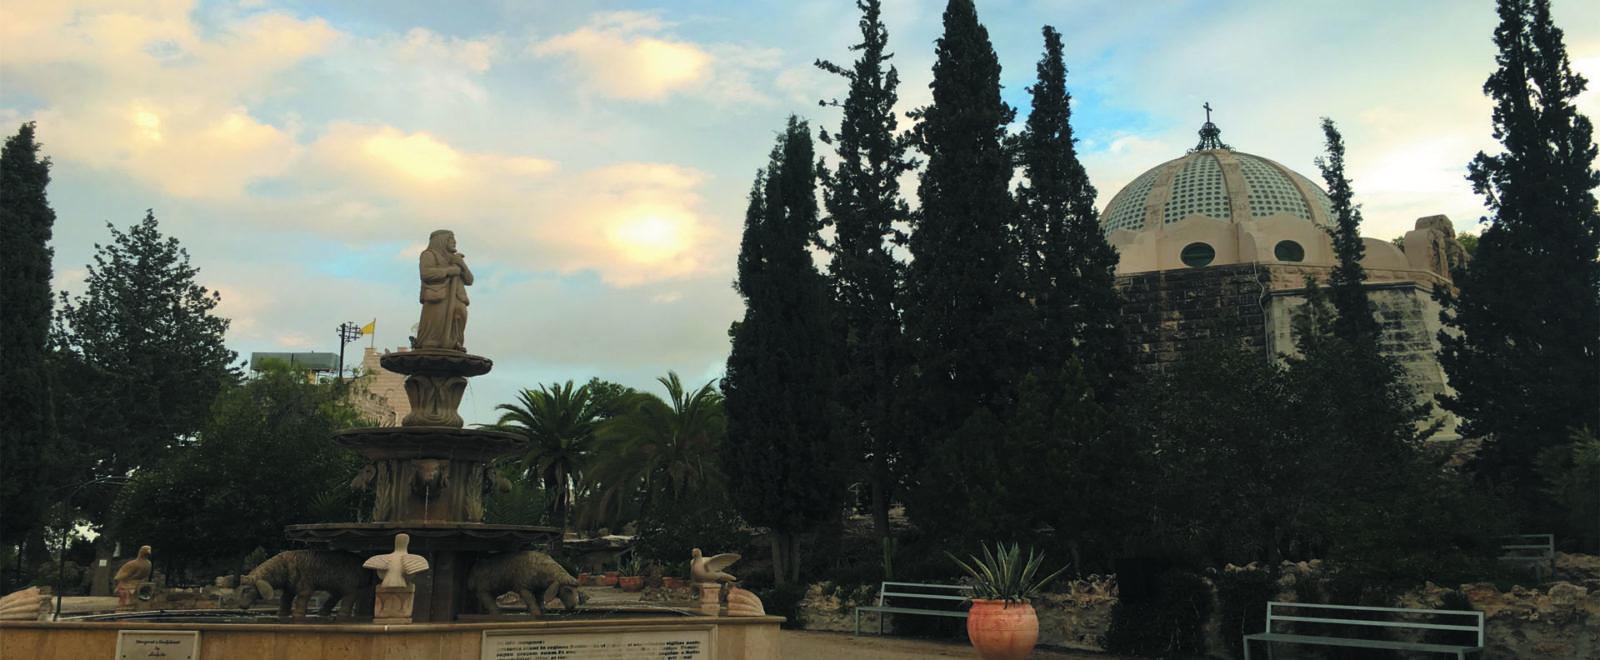 The Shepherds' Field - Bethlehem Chapel